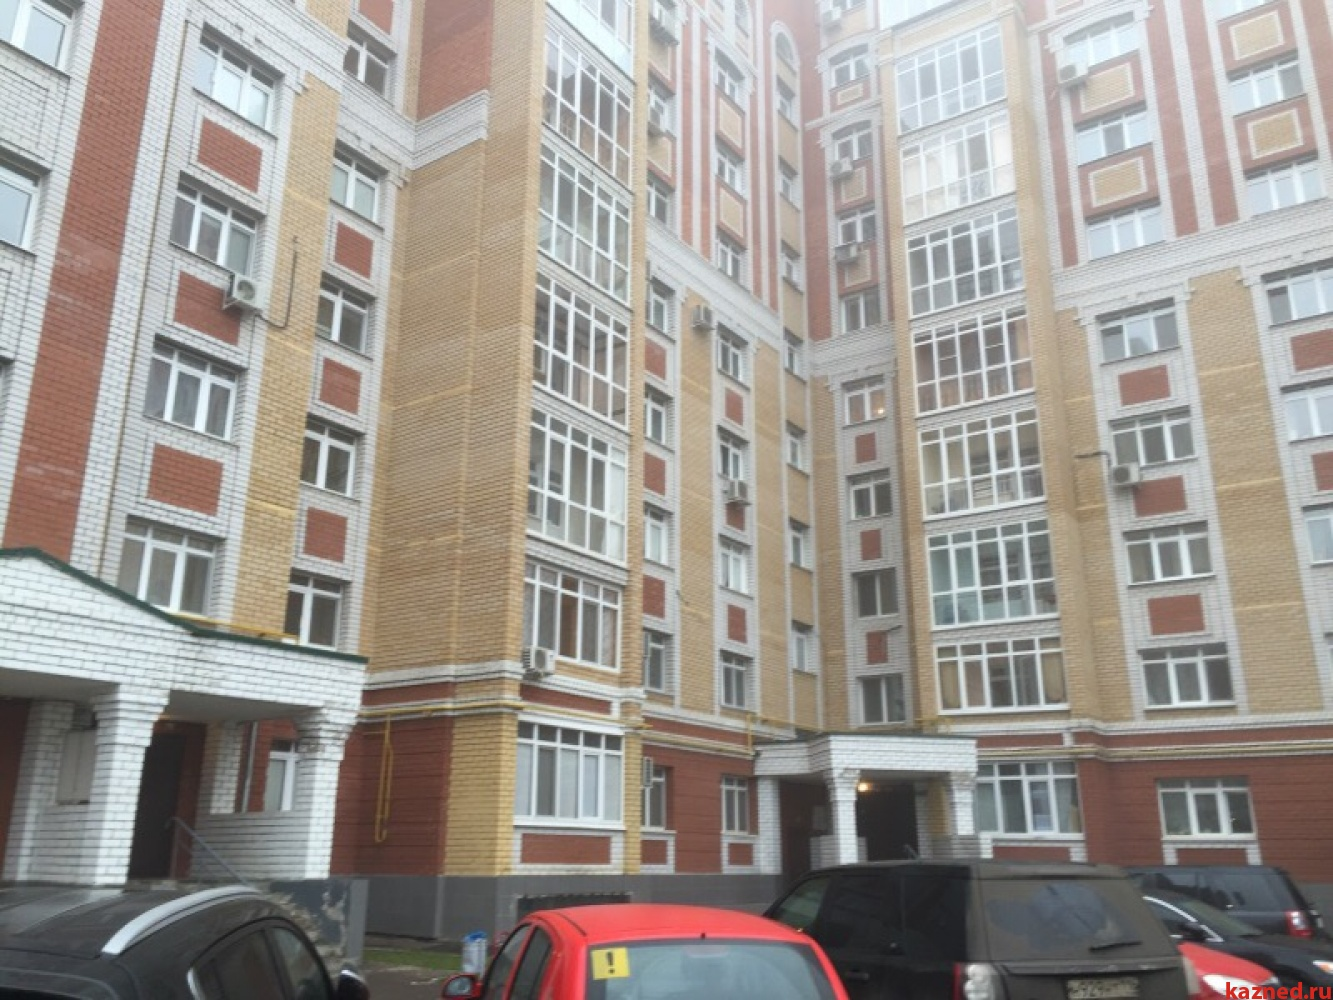 Продажа 1-к квартиры кариева дом 5, 45 м²  (миниатюра №19)